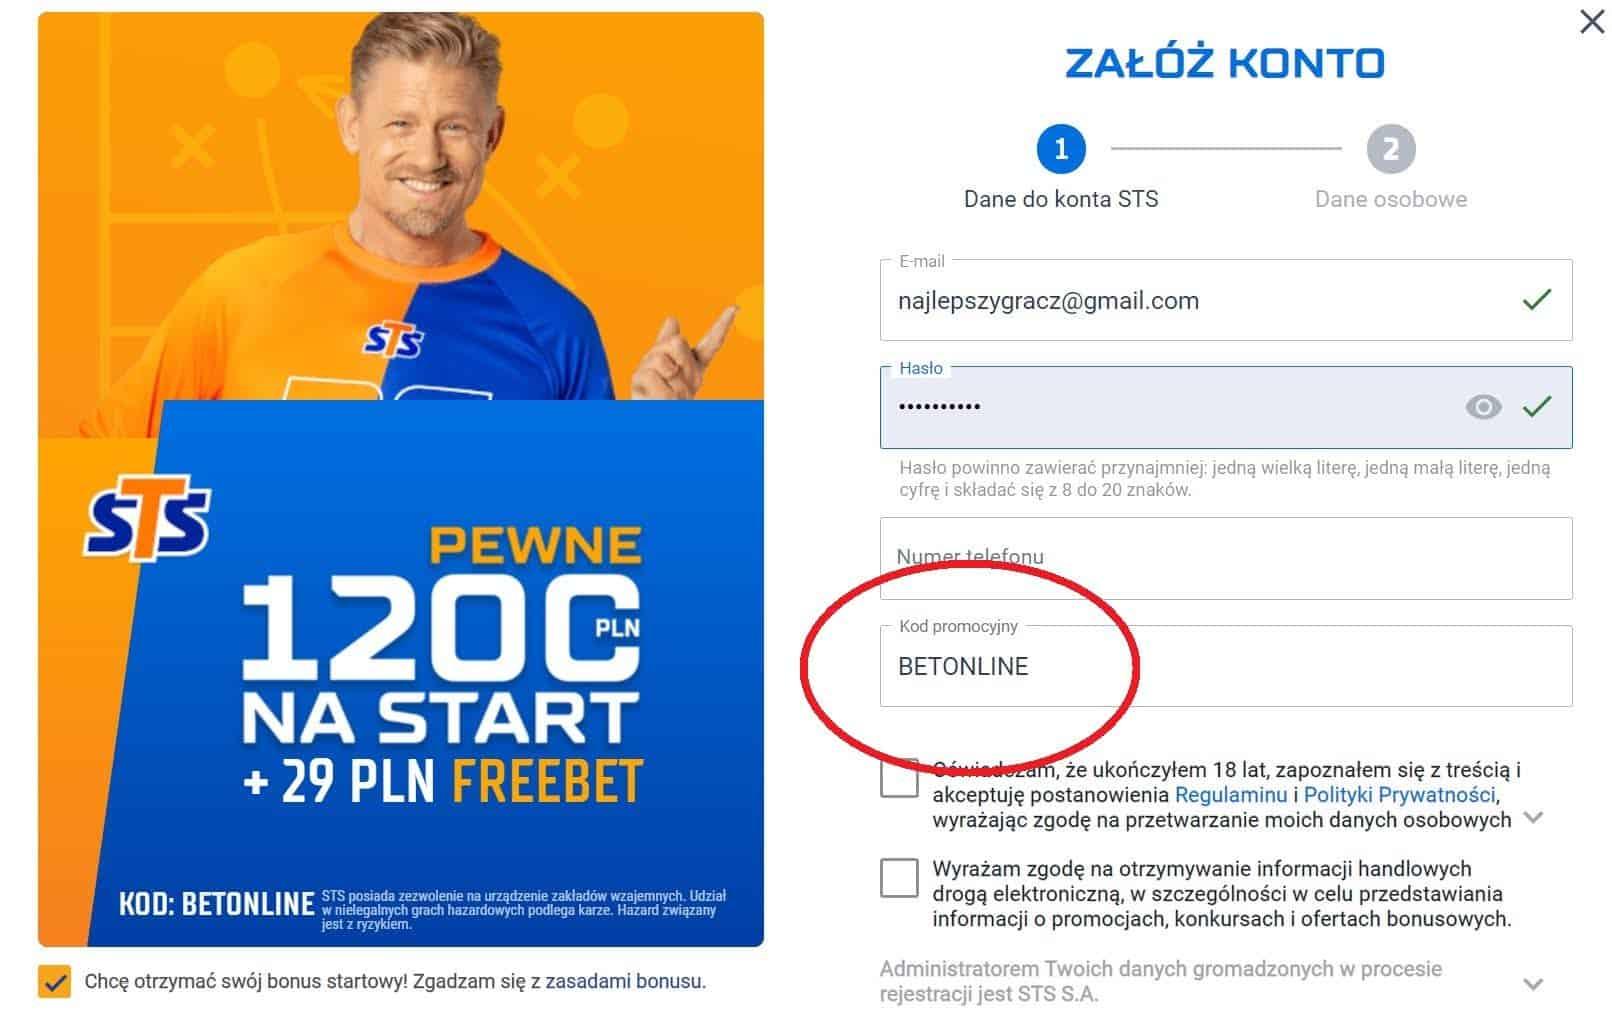 Pewniaki Euro 2020 - grupa E (polska grupa)